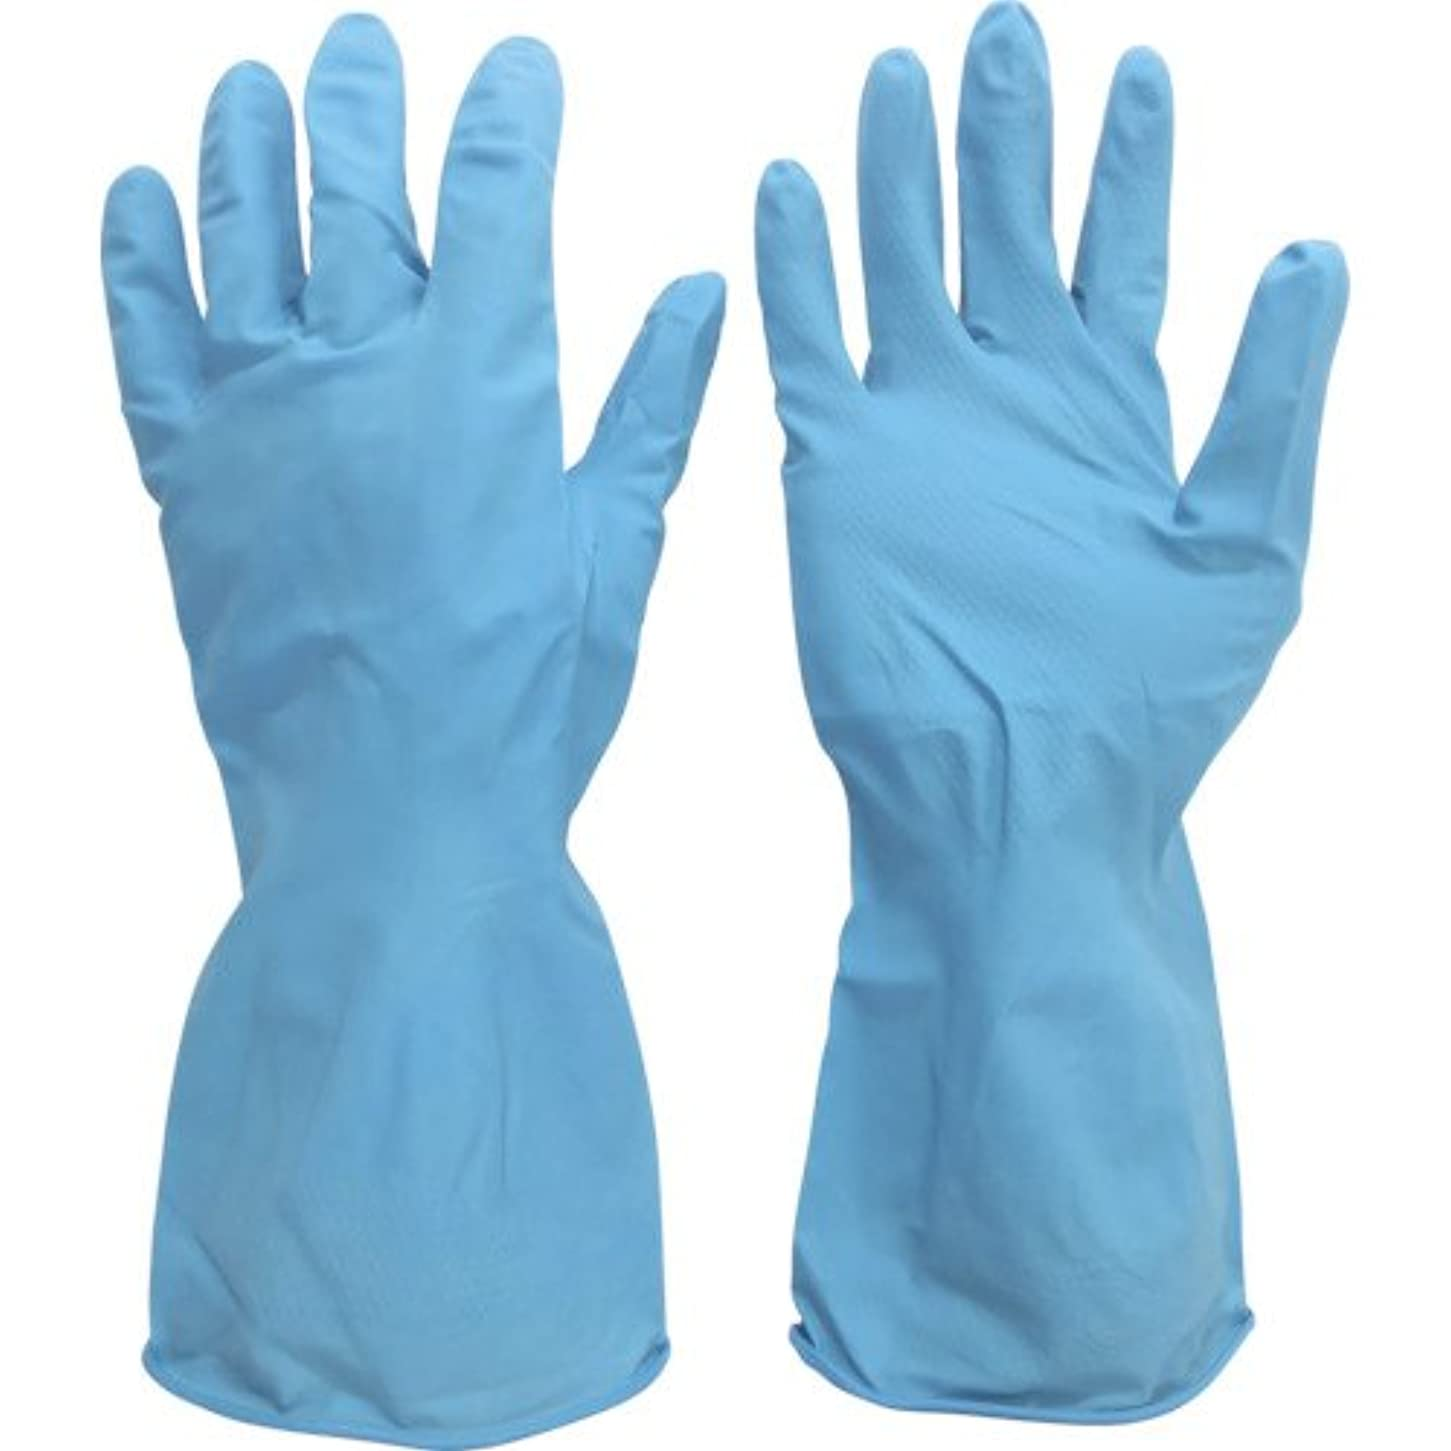 要求するトランペット起きているミドリ安全 ニトリル薄手手袋 ベルテ270 1双入 L VERTE-270-L